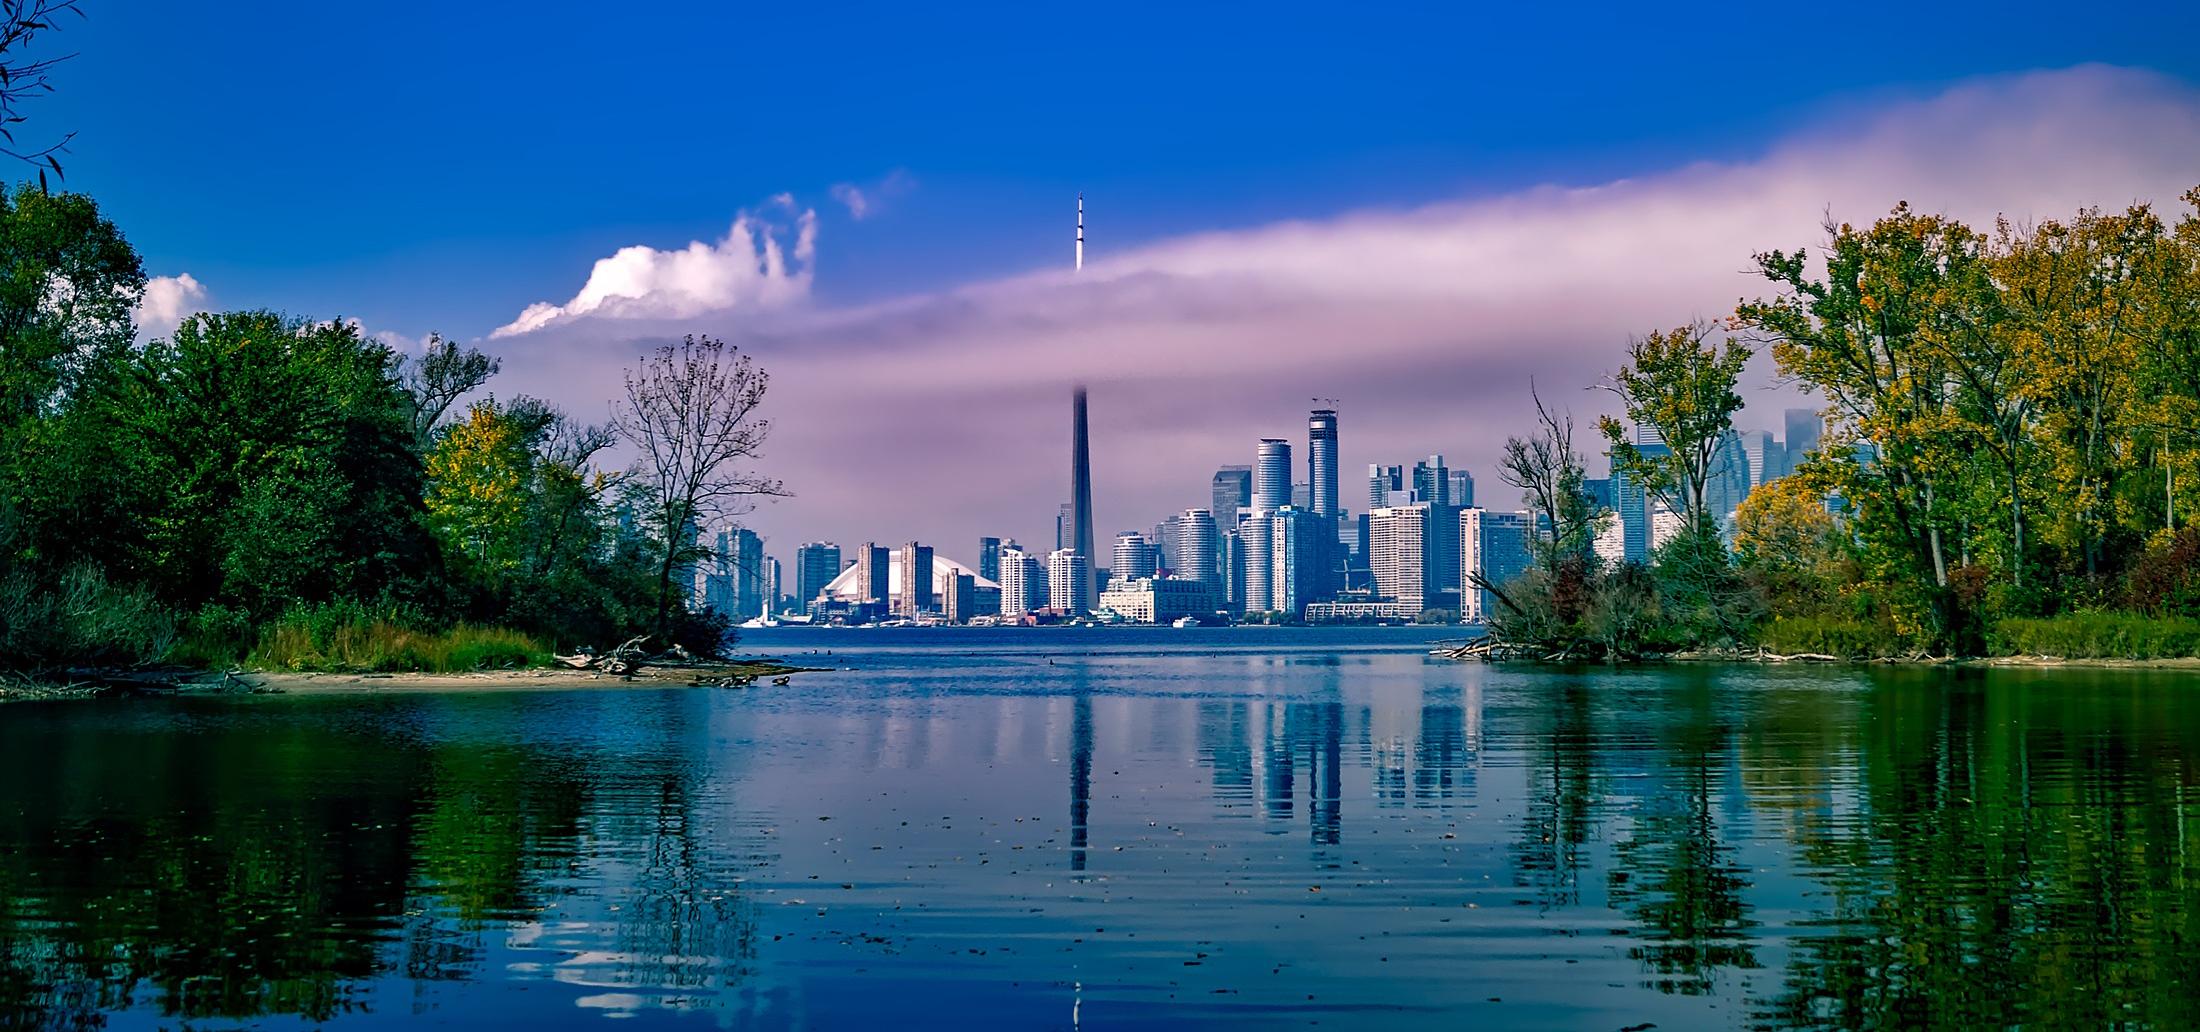 Guía de viajes a Canada, Visa a Canadá, Visado a Canadá canadá - 31511742674 6cfc8dcd0b o - Guía de viajes y visa para Canadá